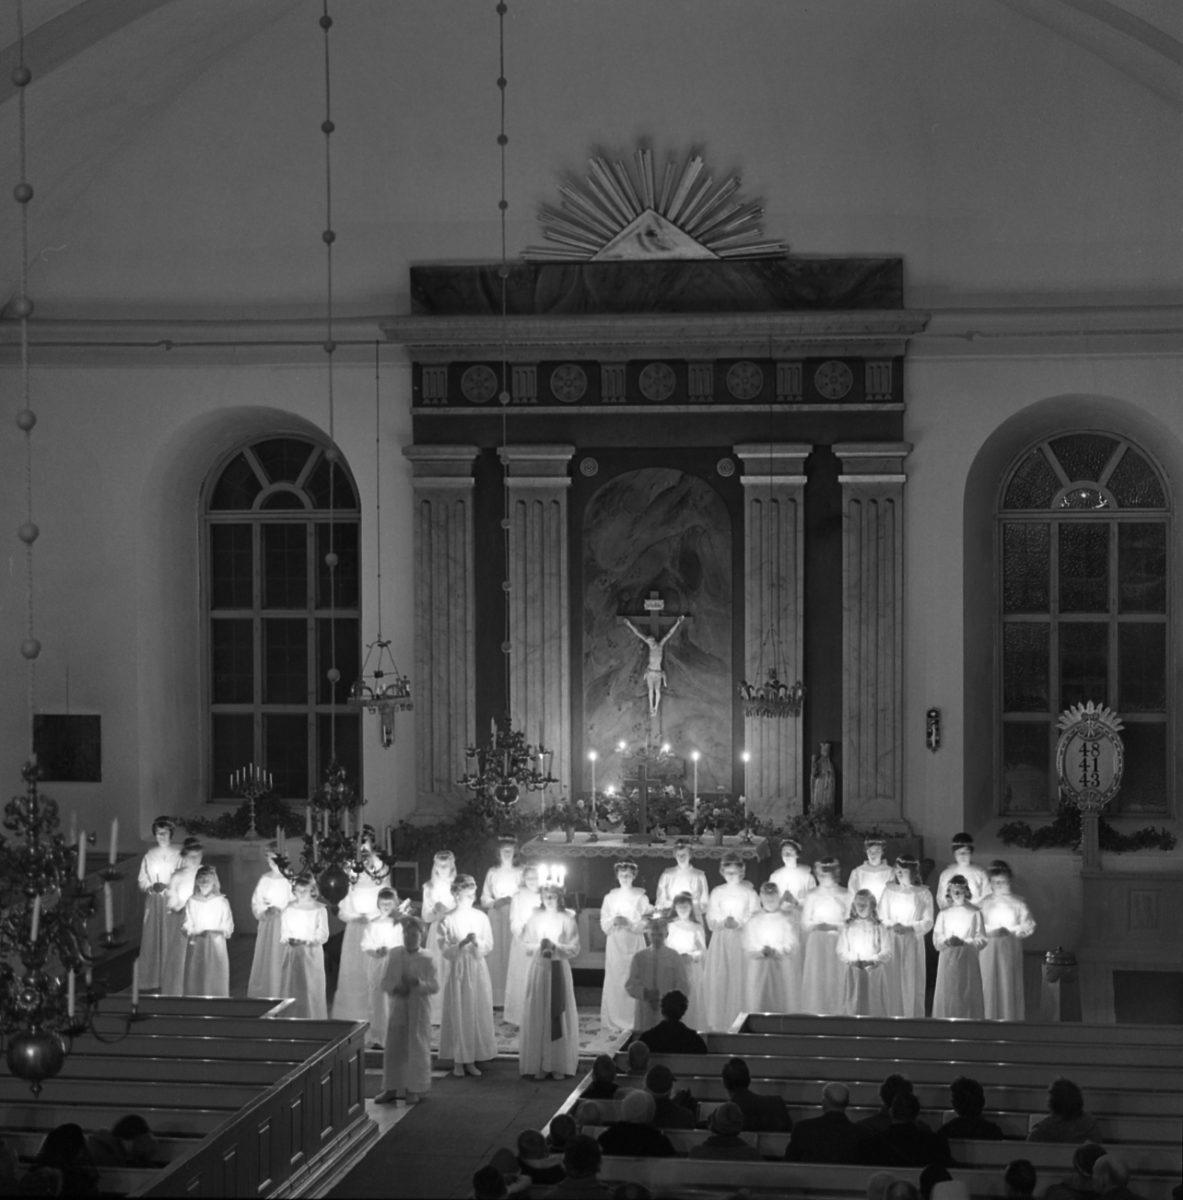 Ett luciatåg med tända ljus står uppställda längst fram i en kyrka.